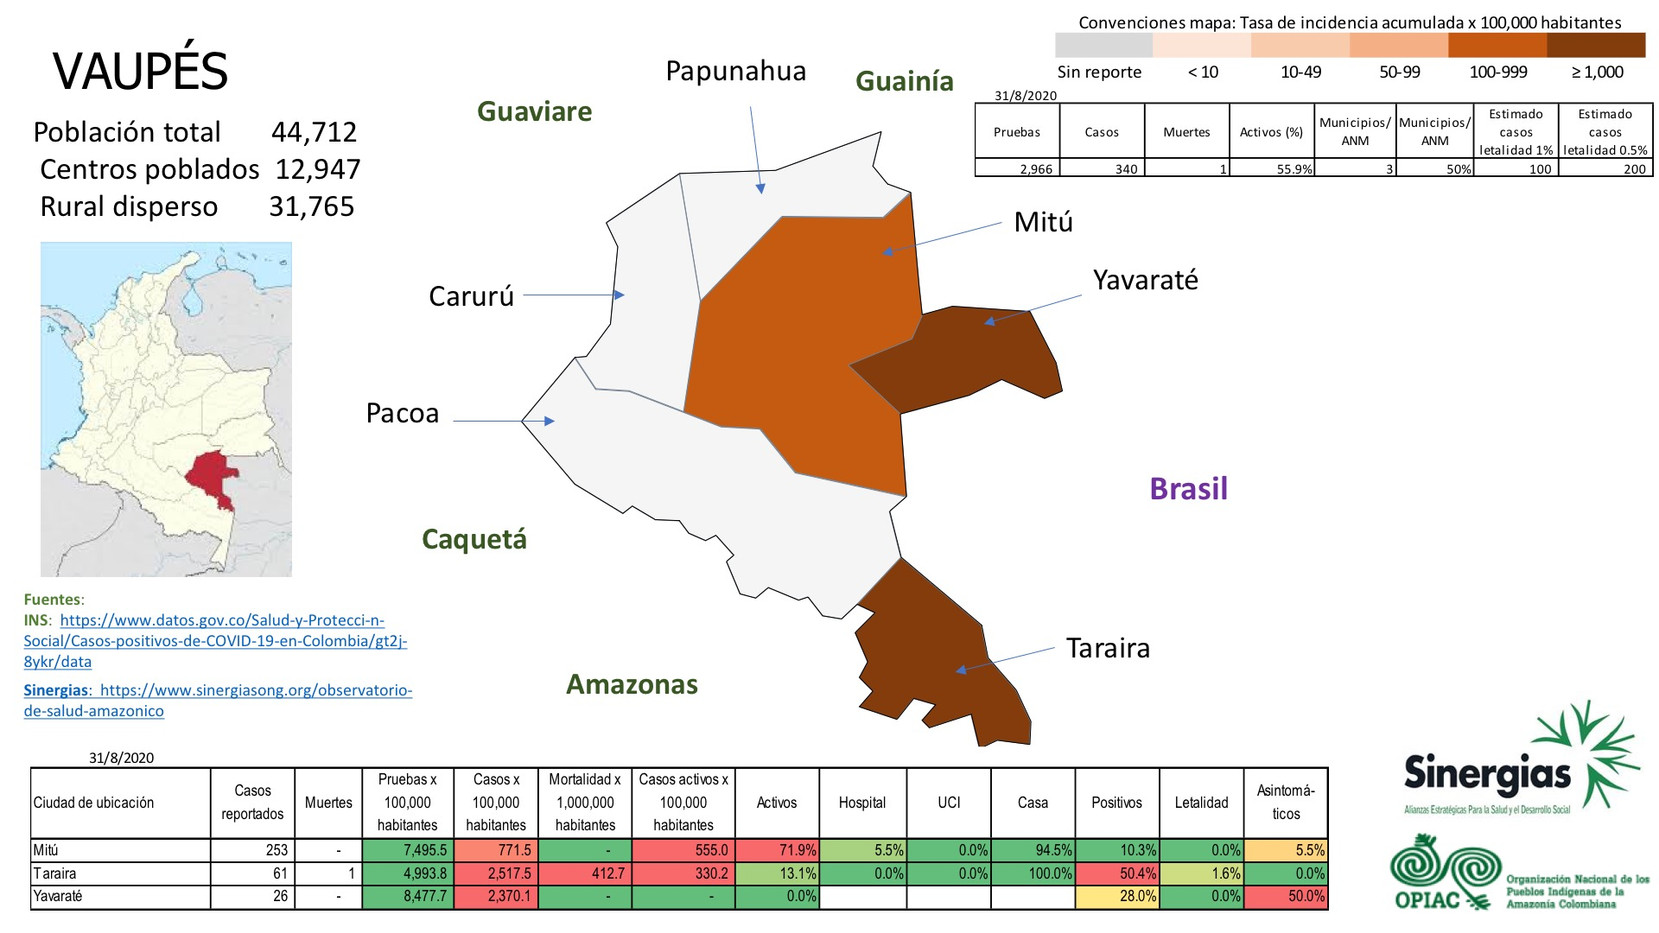 Situación del COVID-19 en el departamento de Vaupés a 31 de agosto del 2020